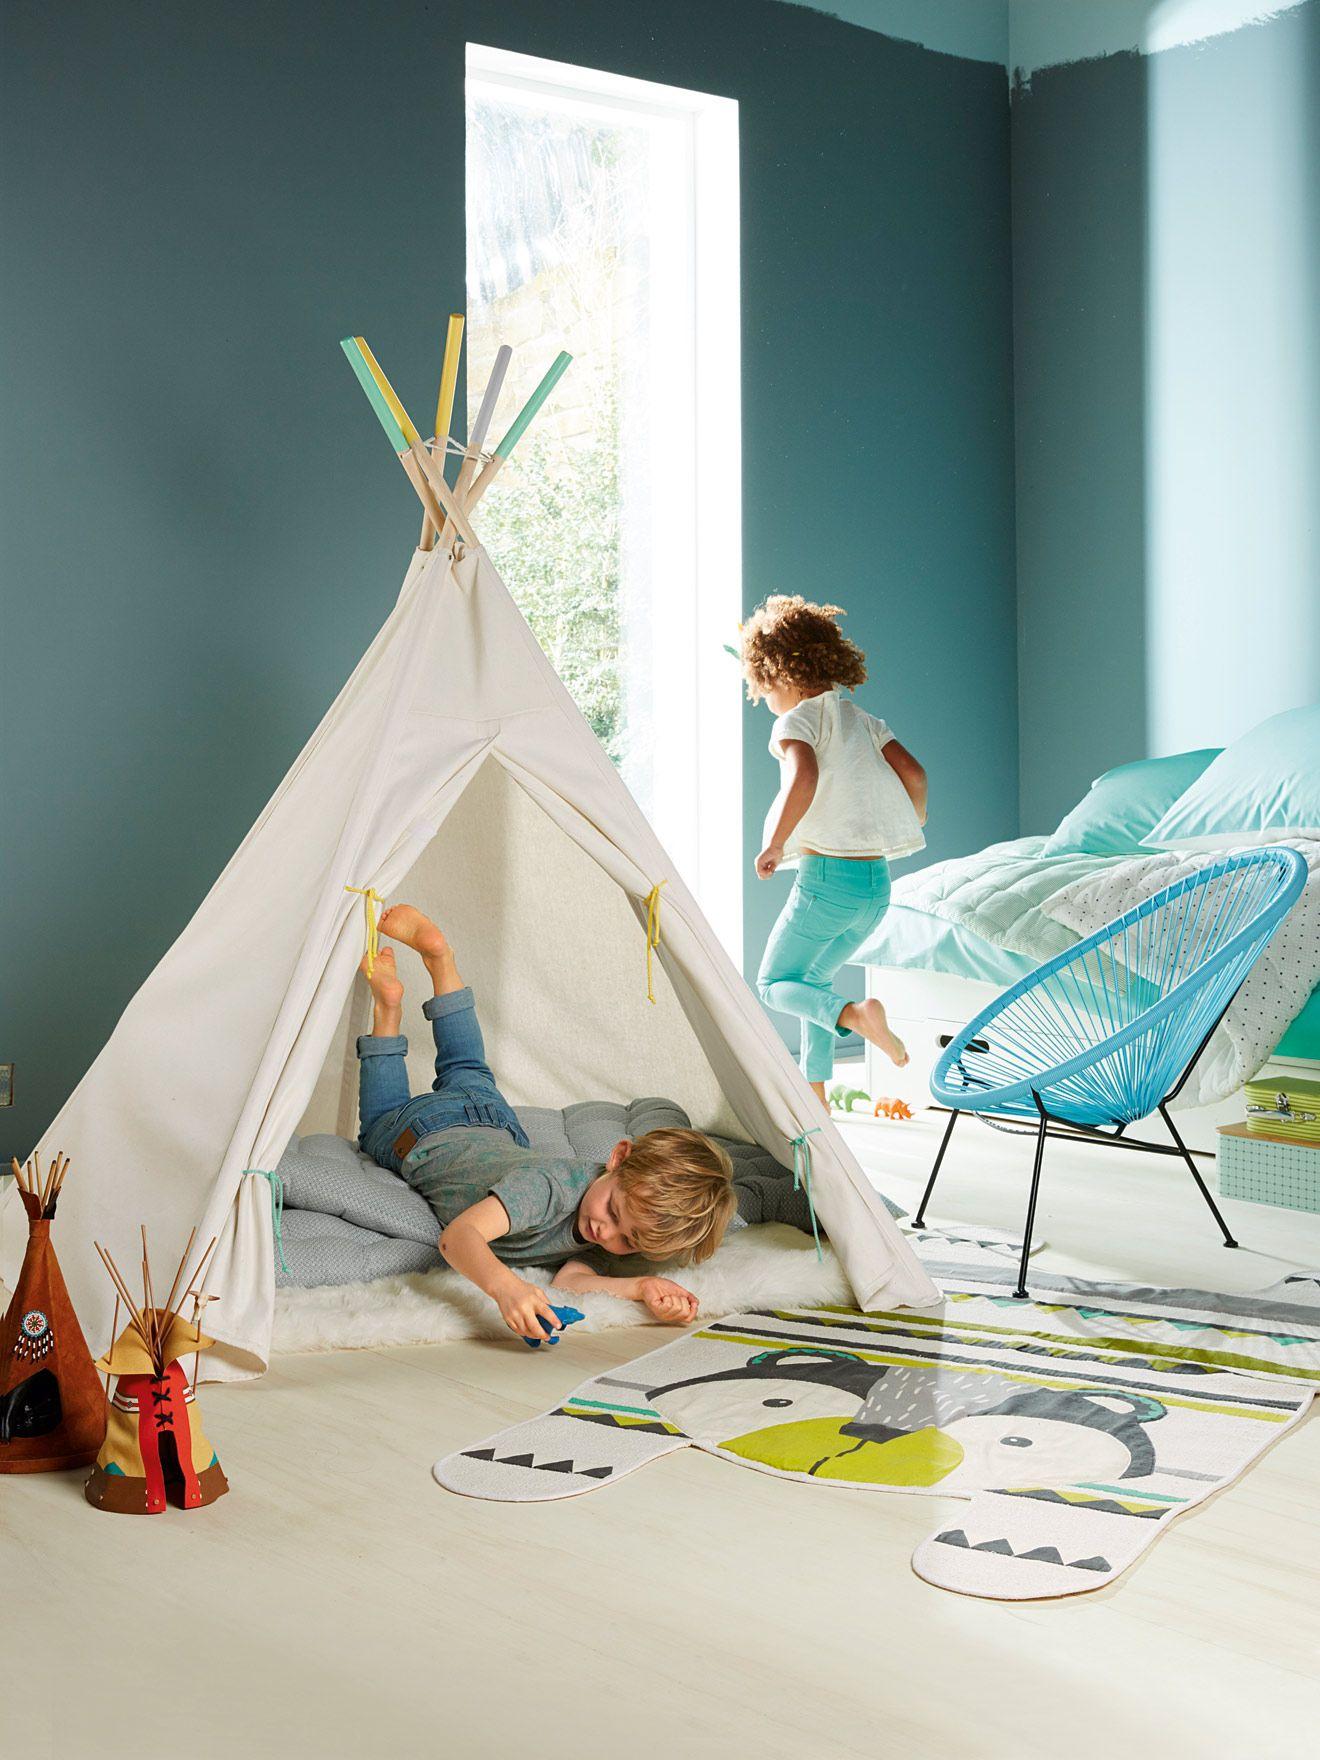 Tente Chambre Garcon en ce qui concerne tente #tipi #teepee #chambre #enfant - collection printemps-eté